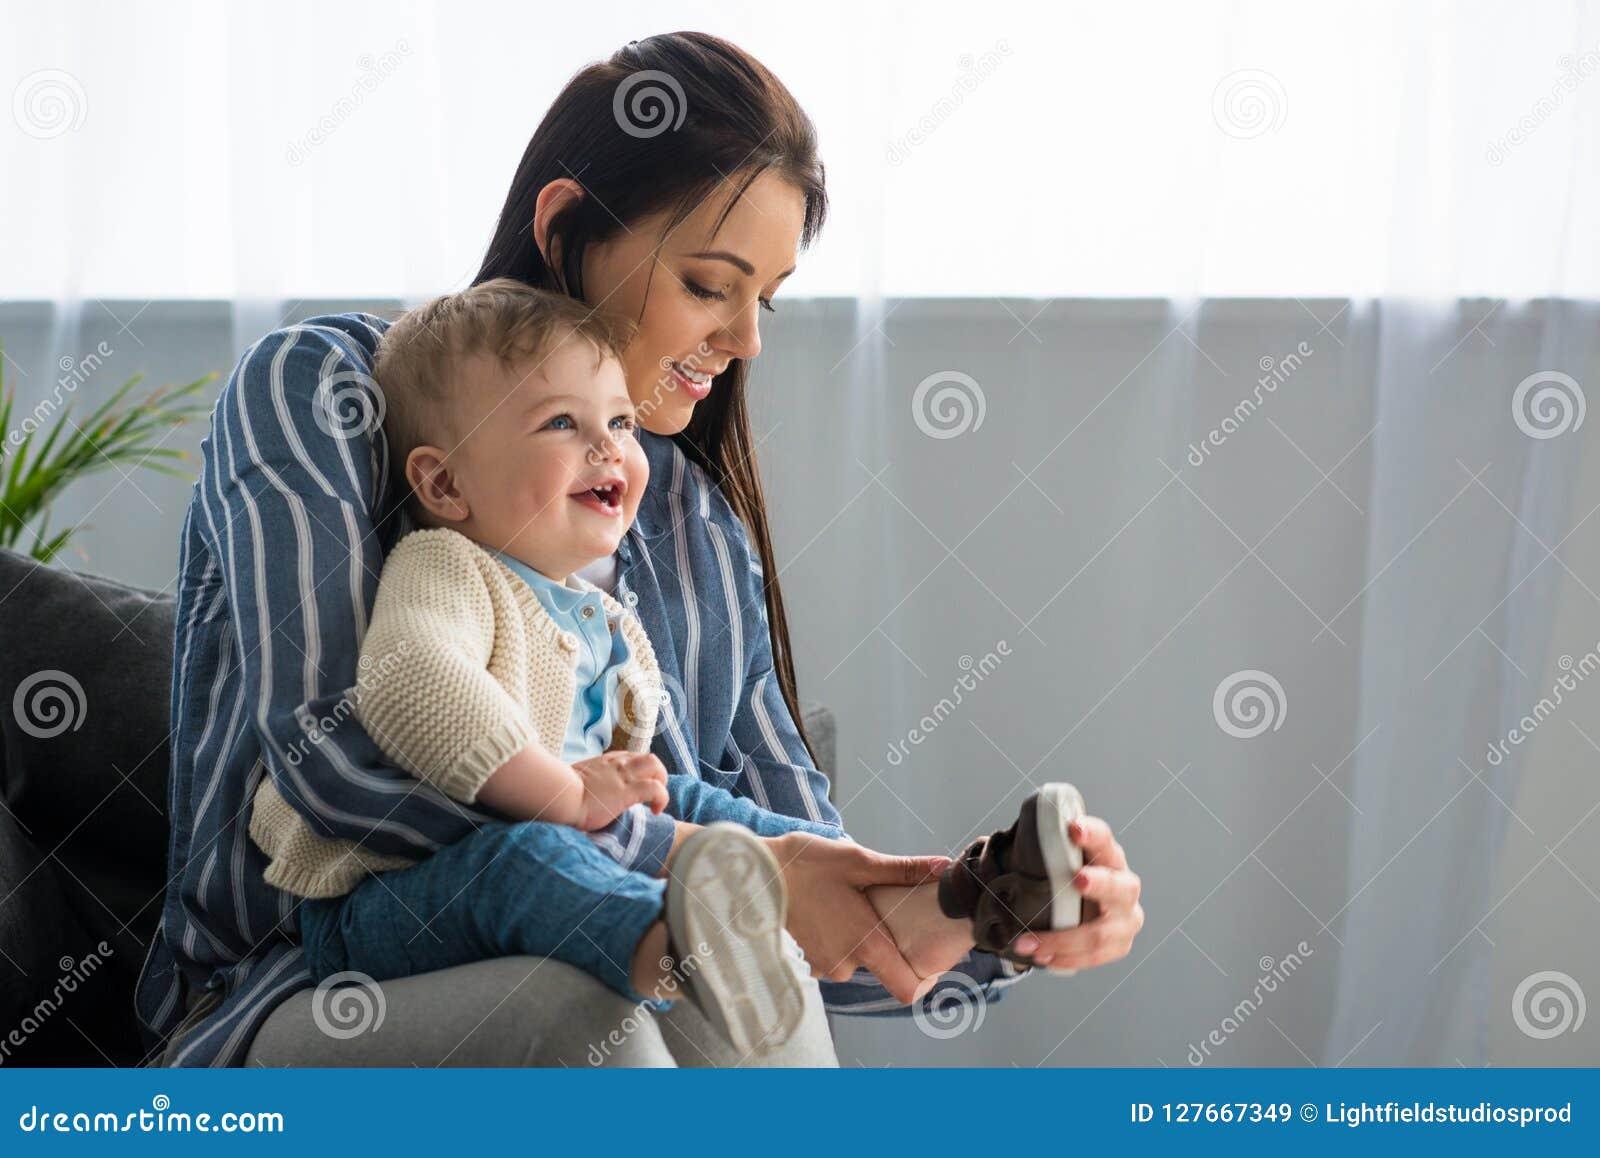 Moeder vrolijk kleden zich weinig baby op bank